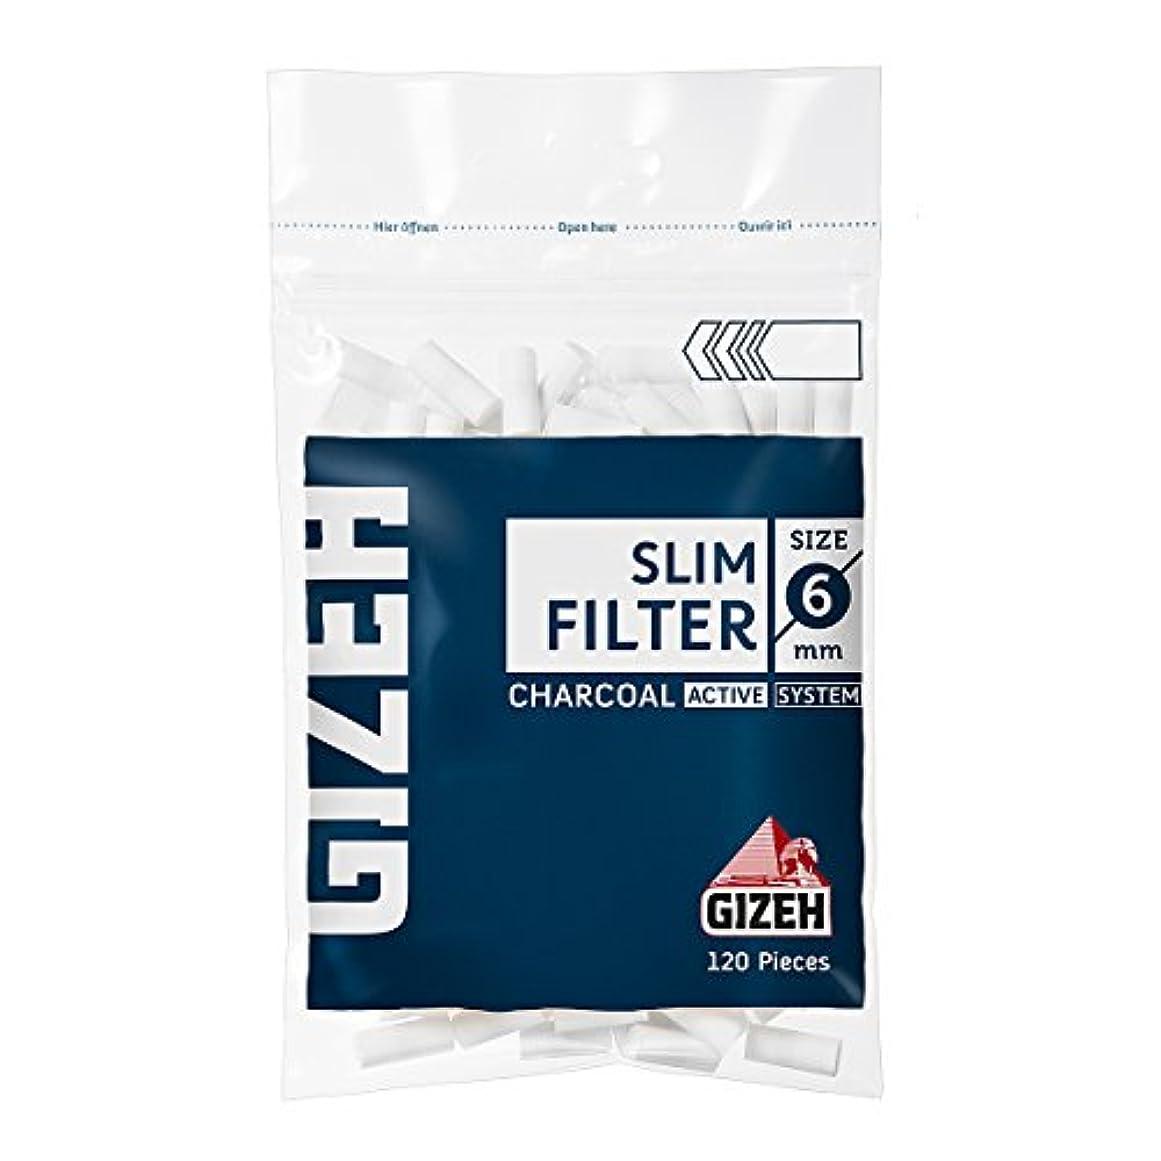 温度数けがをするGIZEH(ギゼ) スリム チャコール フィルター 120個入(直径6mm) 7-25012-30 ×4袋パック 手巻きタバコ 喫煙具